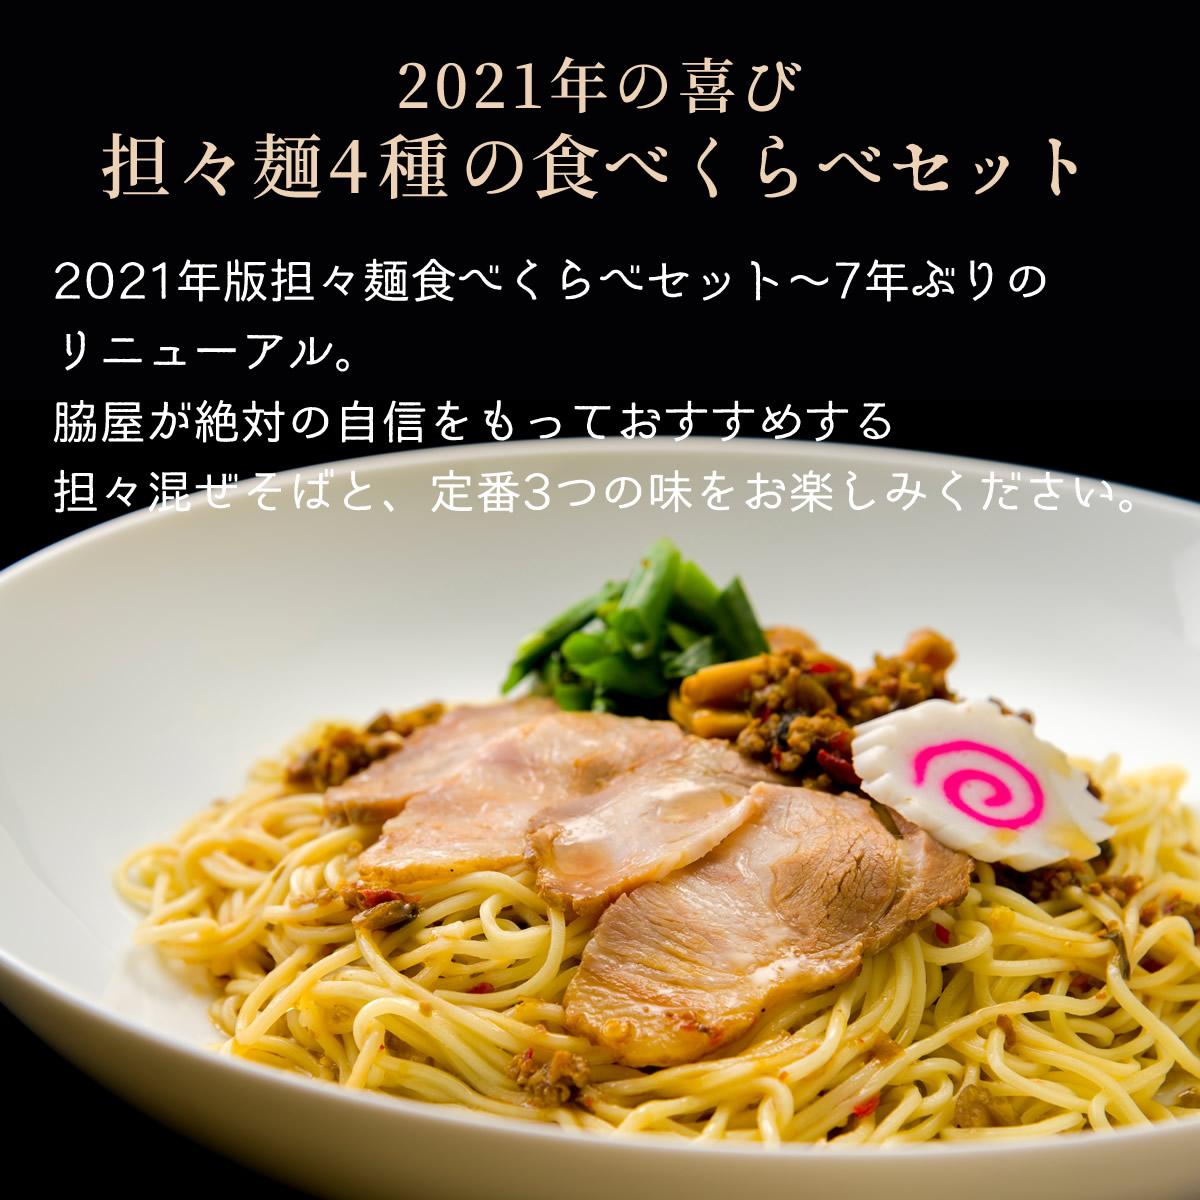 2021年の喜び 担々麺4種の食べくらべセット~2021年版担々麺食べくらべセット~7年ぶりのリニューアル。脇屋が絶対の自信をもっておすすめする担々混ぜそばと、定番3つの味をお楽しみください。